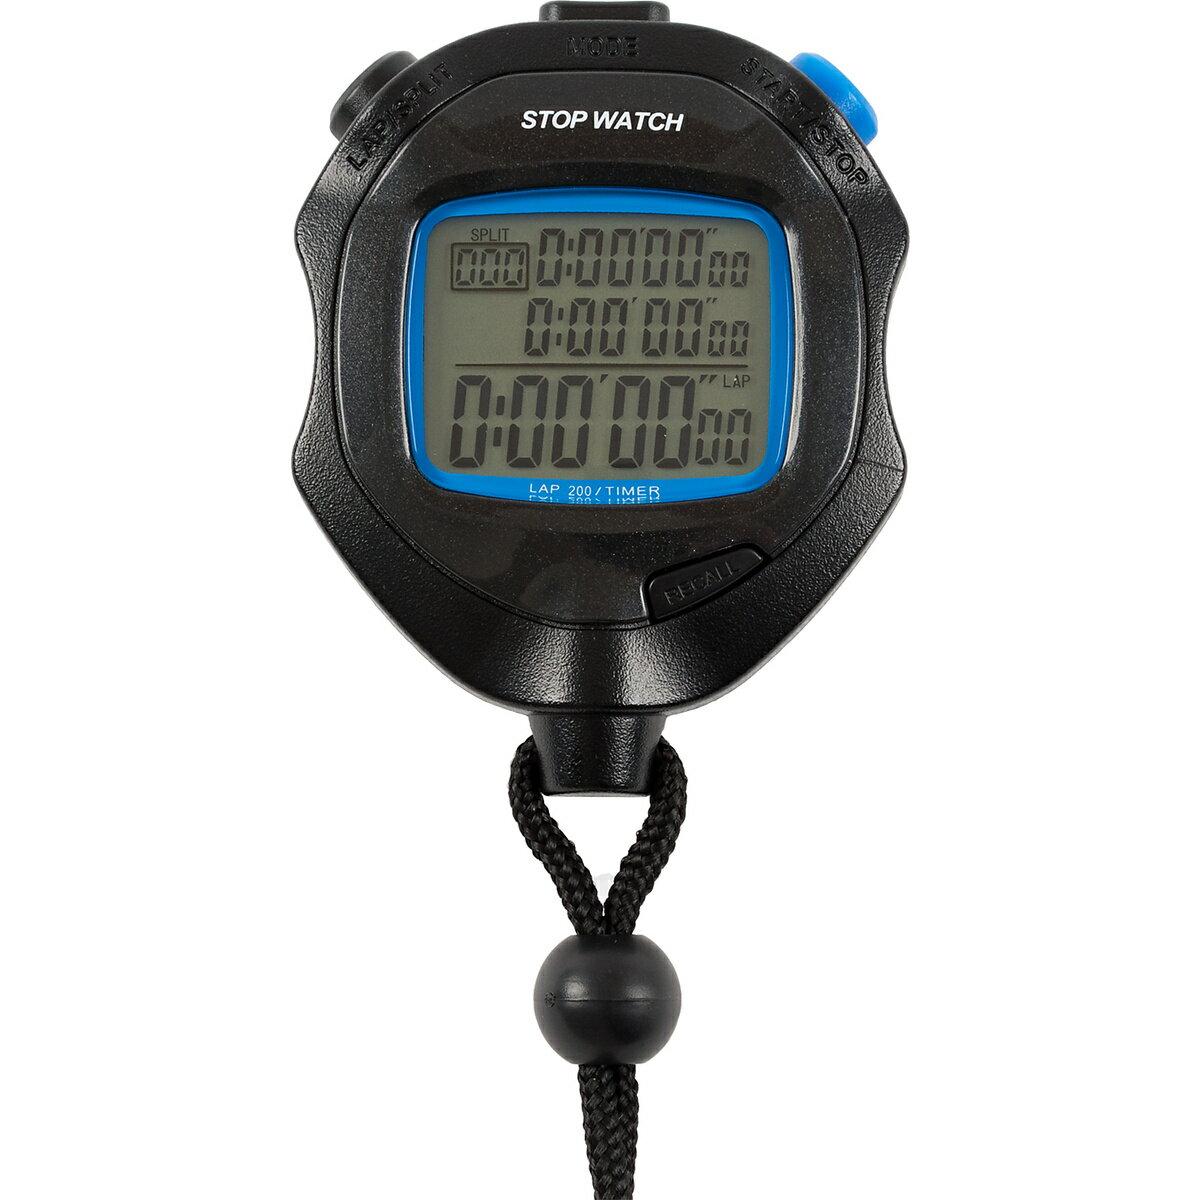 スポーツアクセサリー 時計 18 STOP WACTH ブラック TS-S114-BK